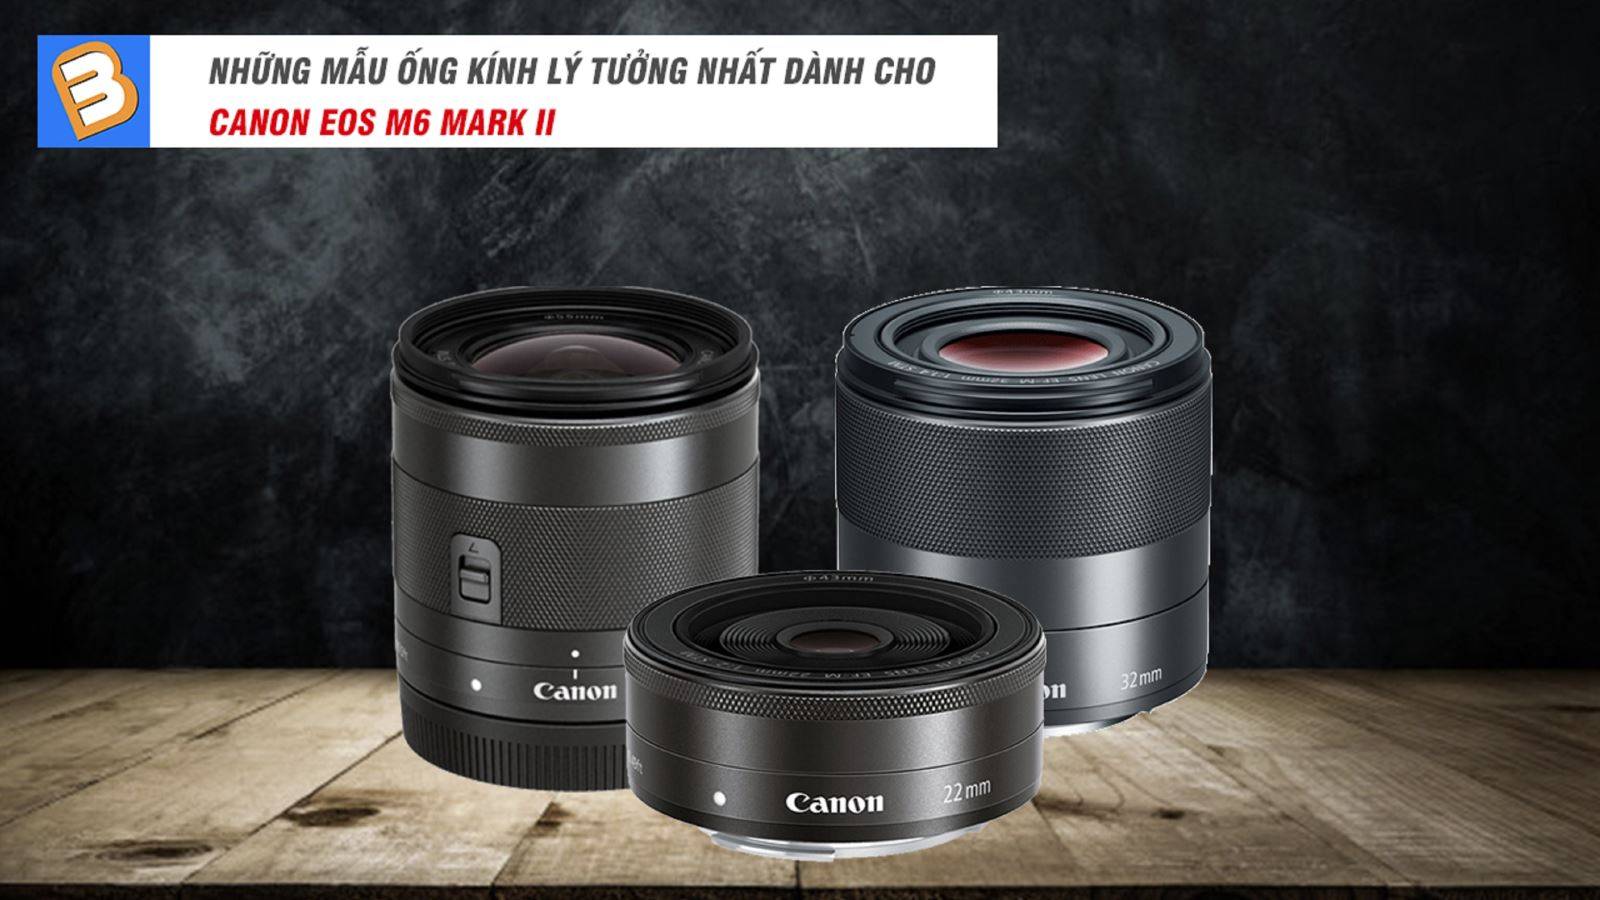 Những mẫu ống kính lý tưởng nhất dành cho CanonEOS M6 Mark II